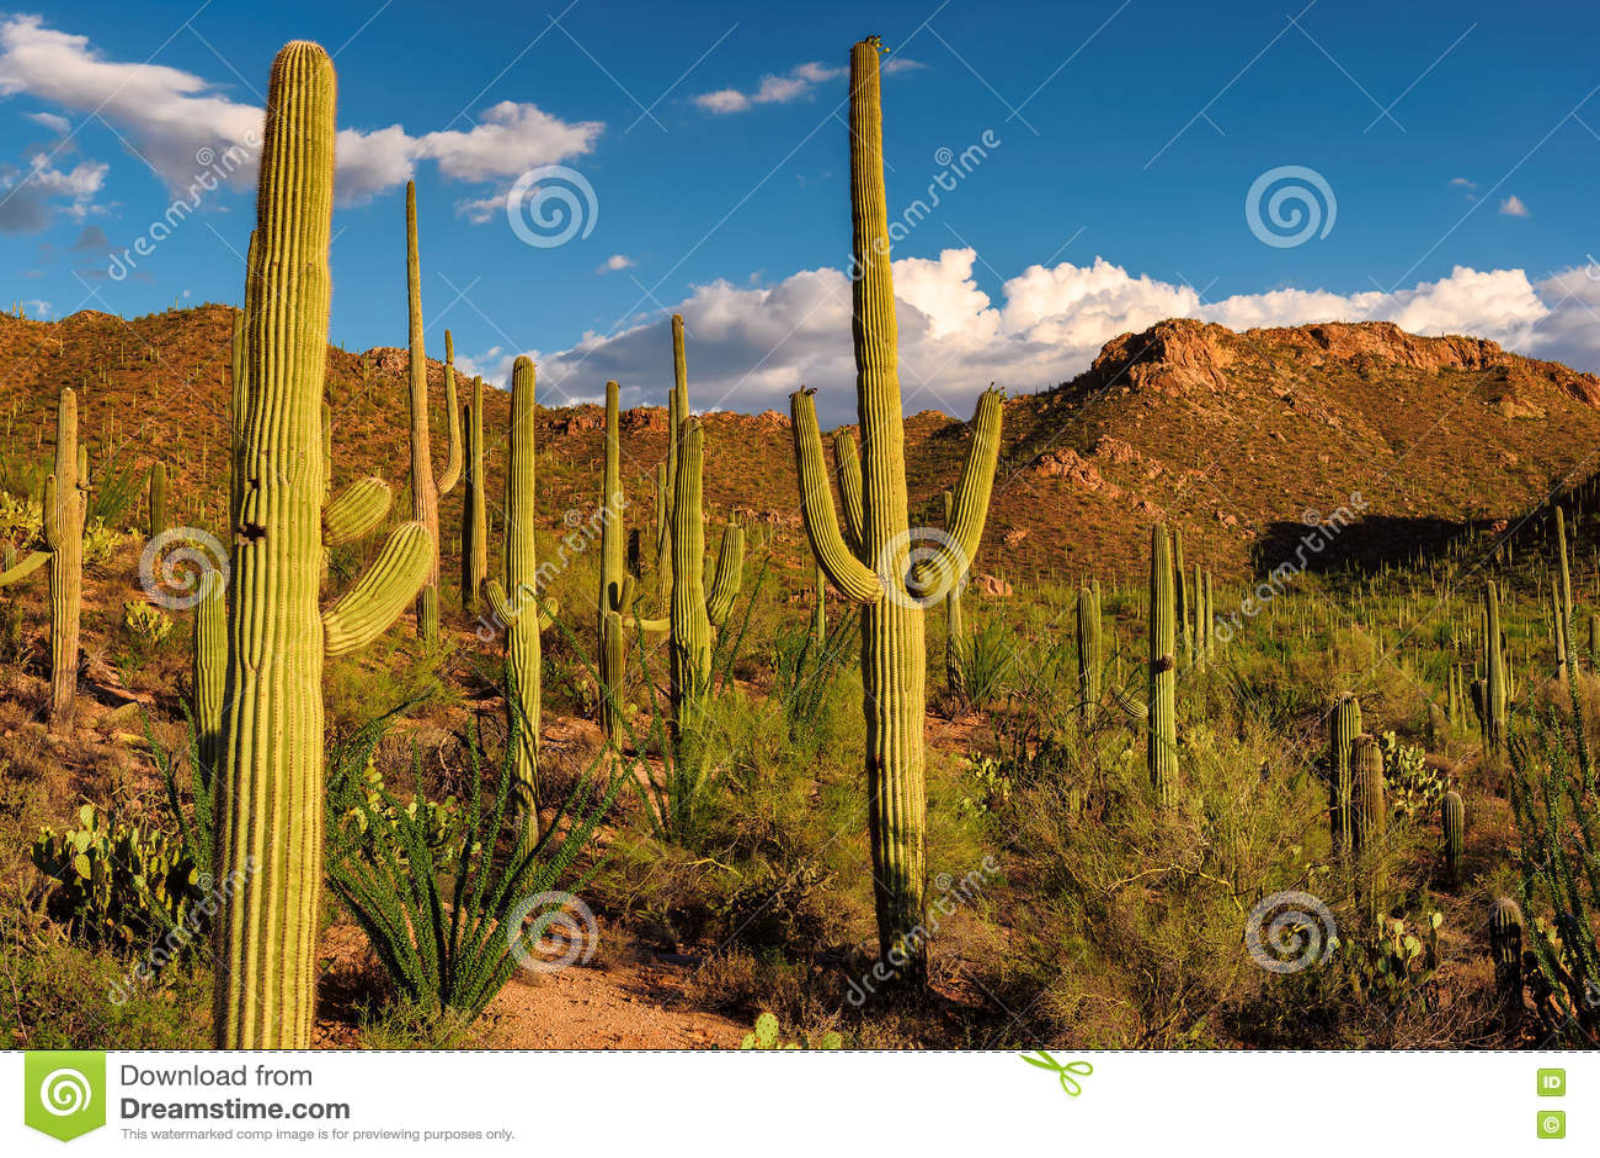 Saguarocactus bij zonsondergang in het Nationale Park van Saguaro dichtbij Tucson, Arizona